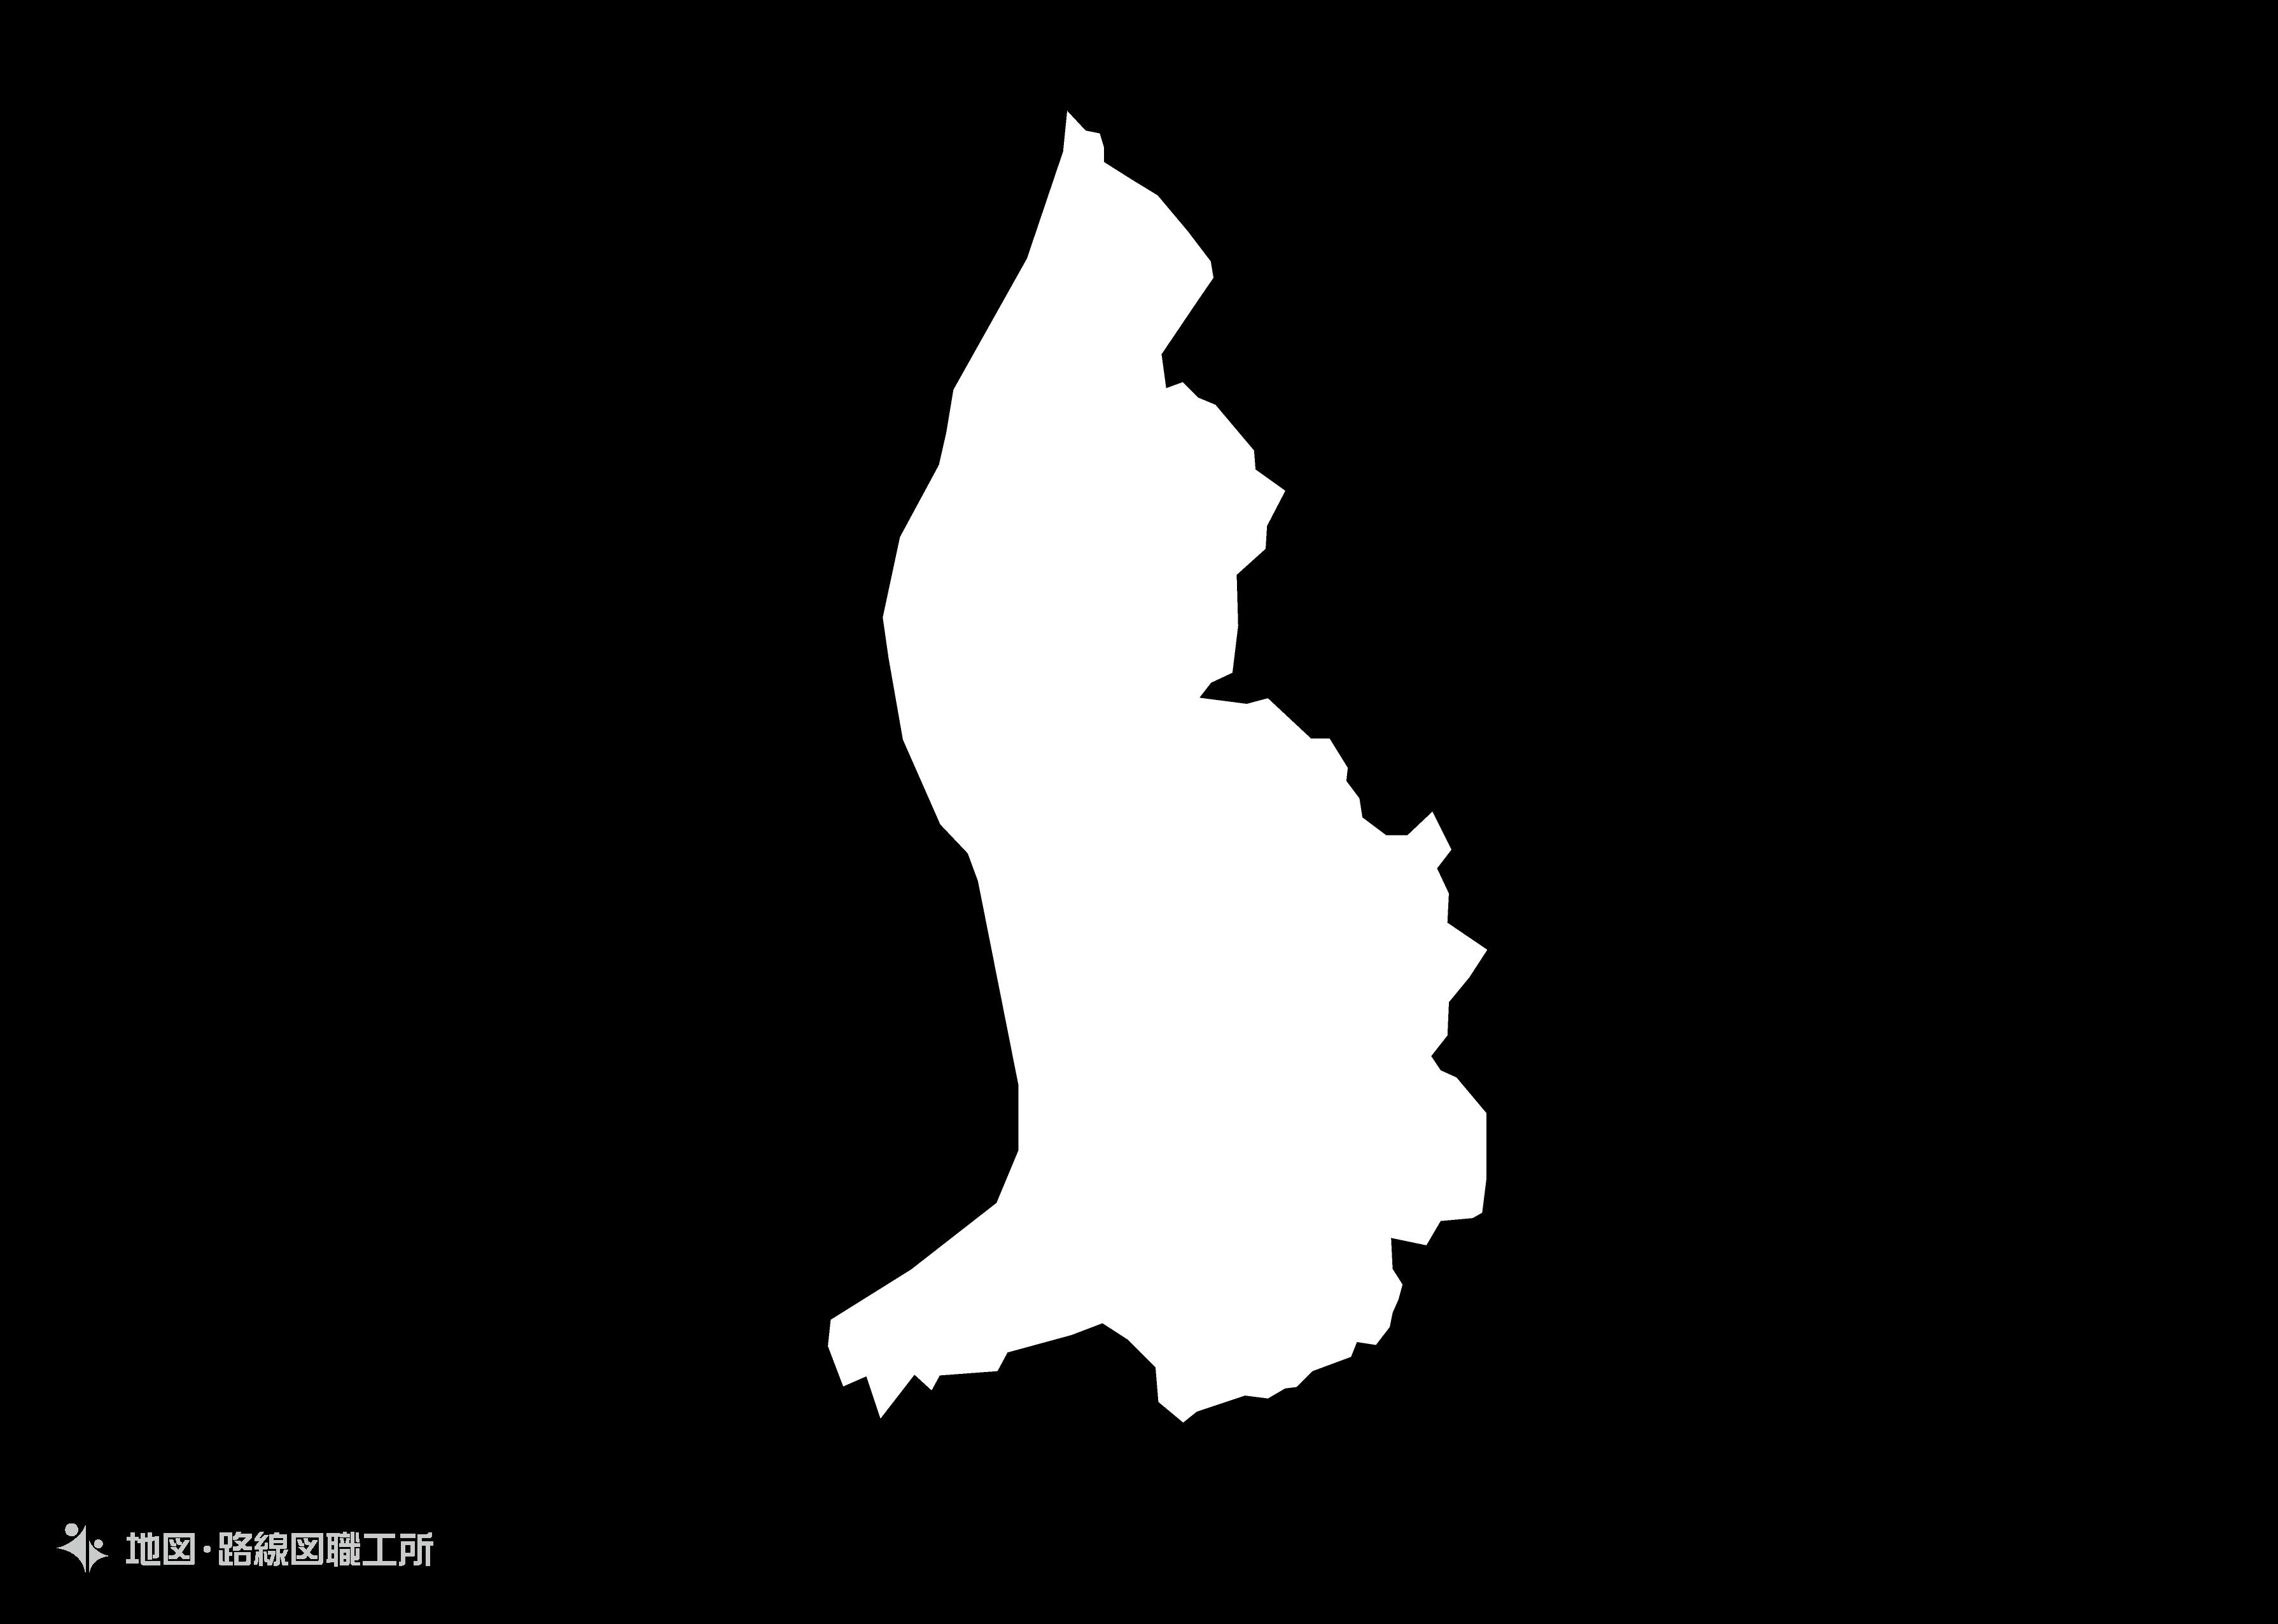 世界の白地図 リヒテンシュタイン公国 principality-of-liechtenstein map